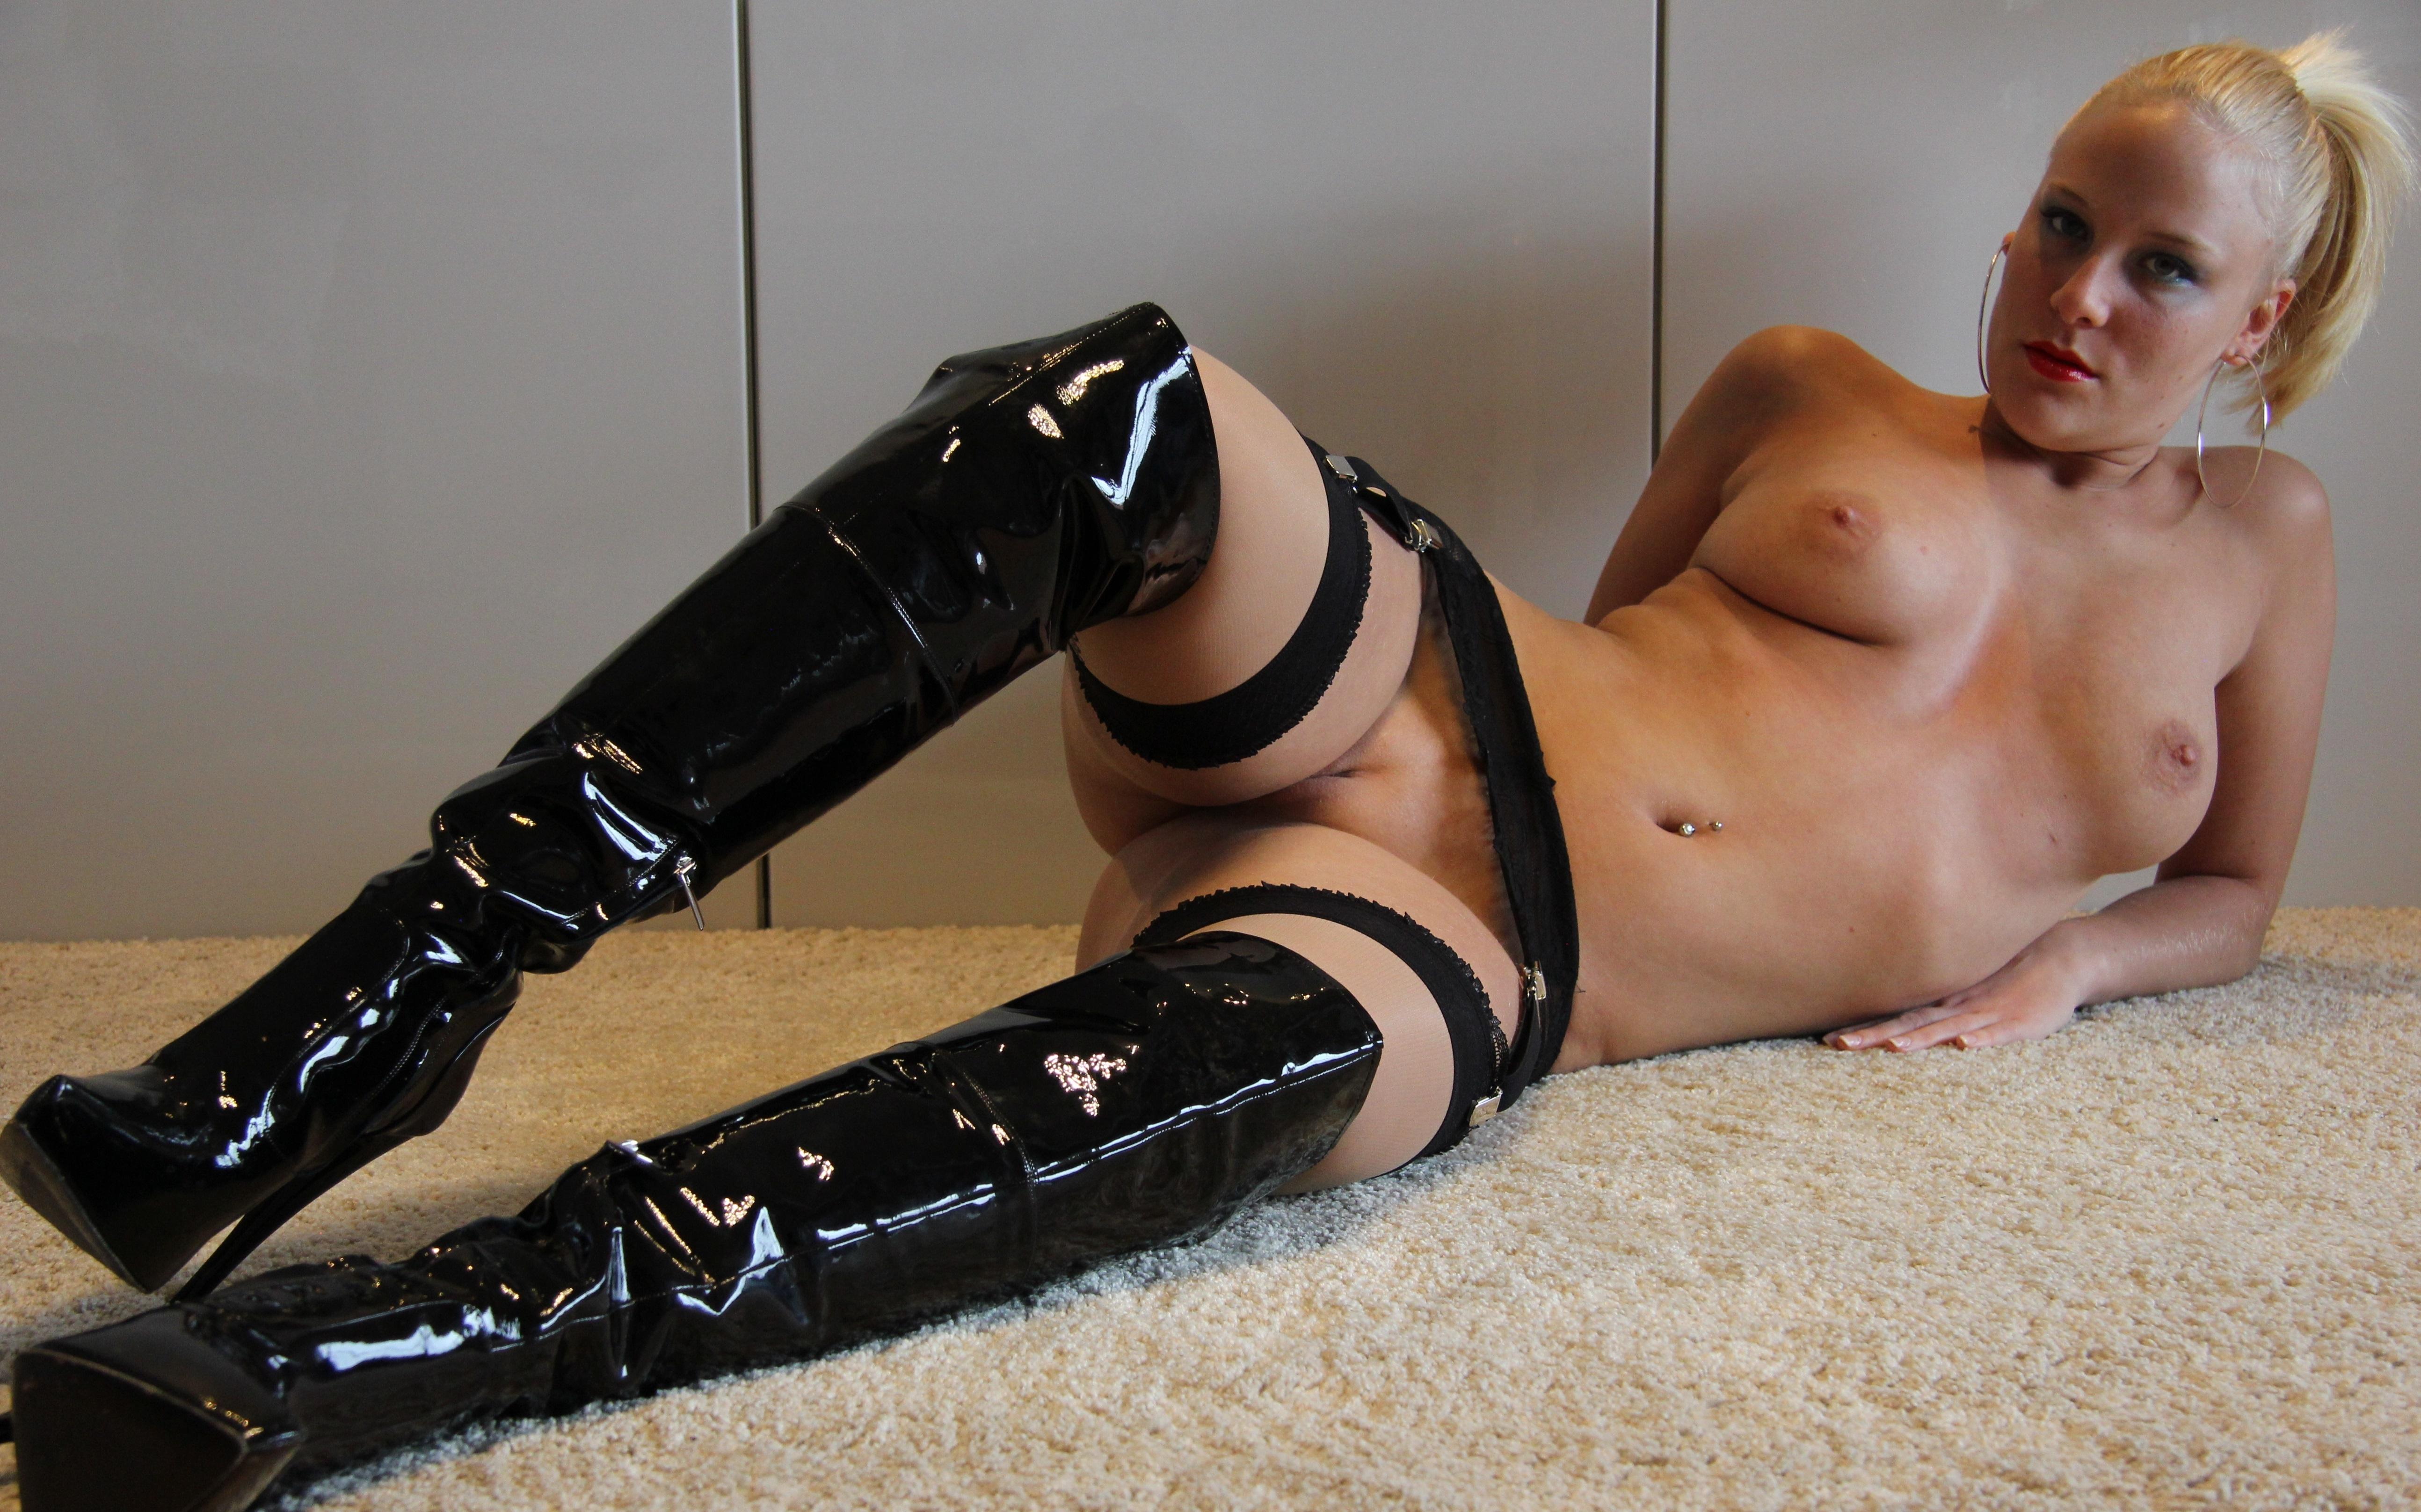 fetish escort sexy cam